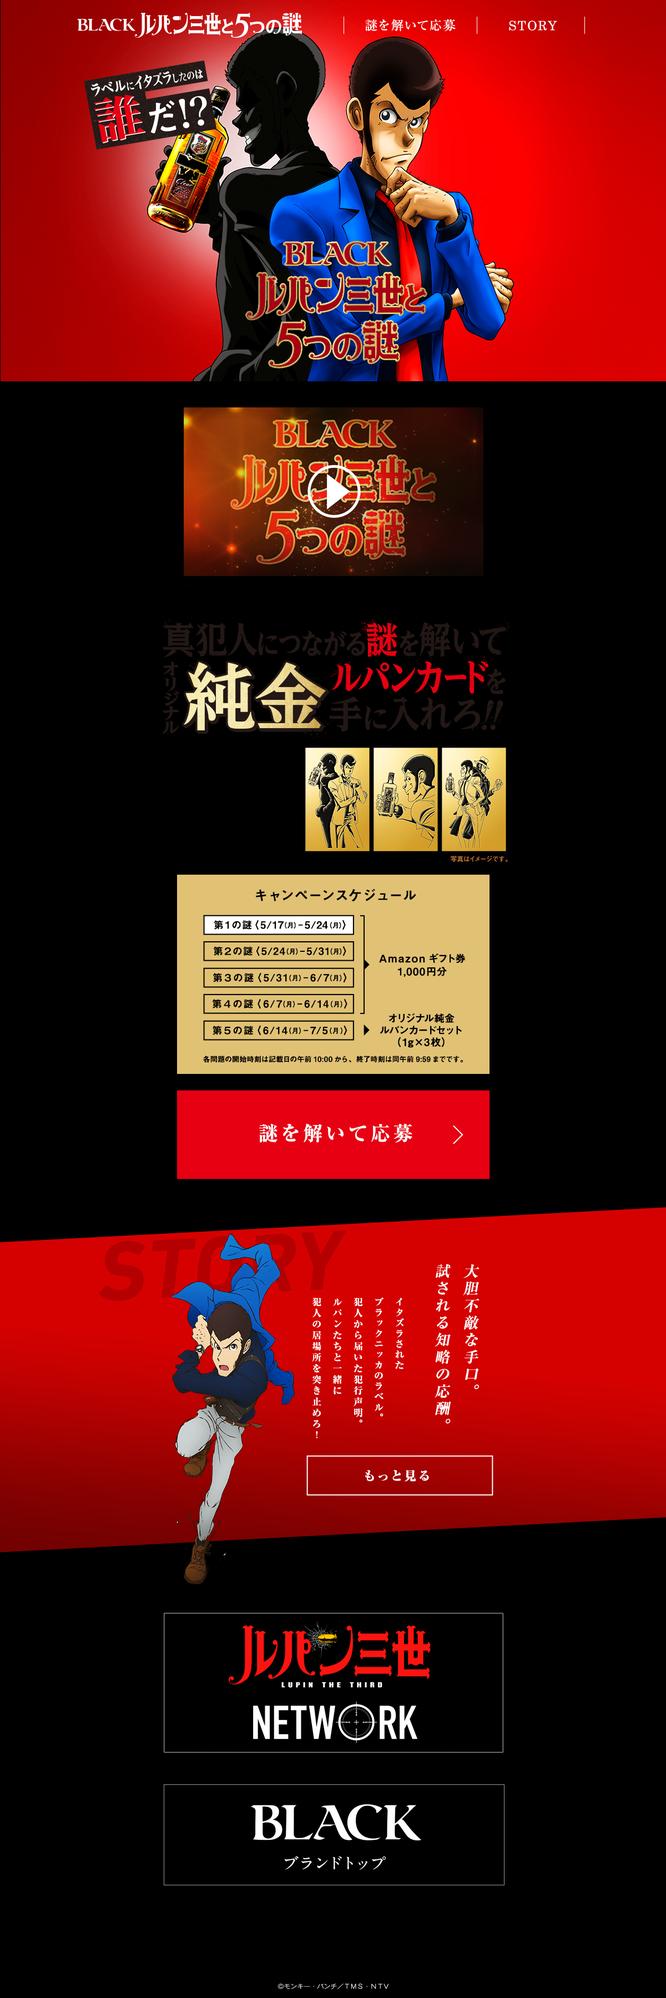 【ニッカ】ブラックニッカ ルパン三世と5つの謎キャンペーン